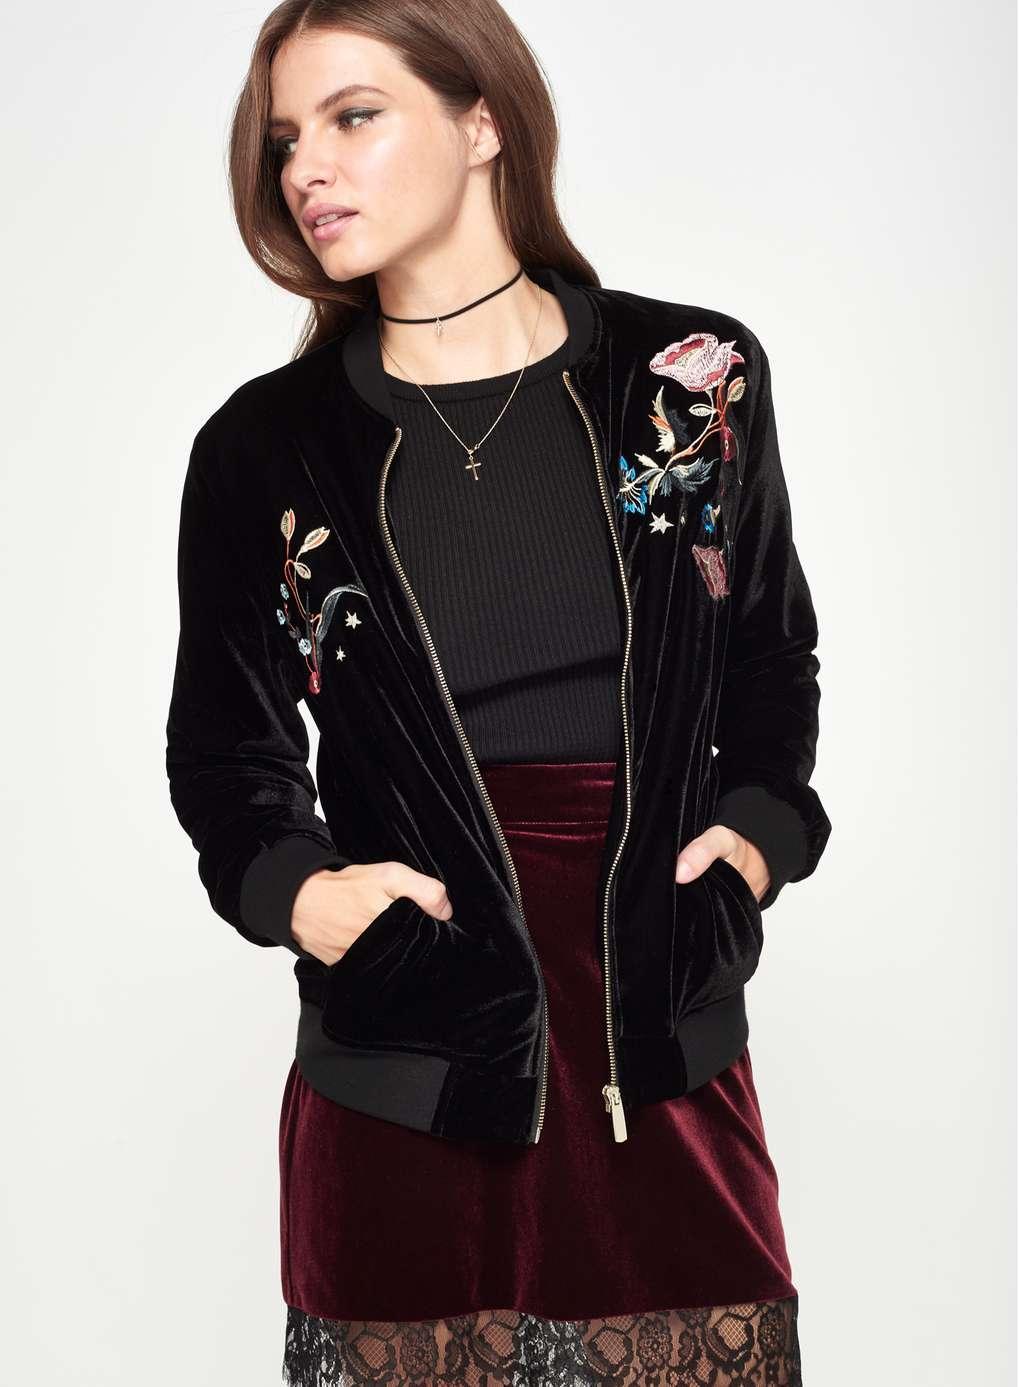 Lyst - Miss Selfridge Black Embroidered Velvet Bomber Jacket In Black